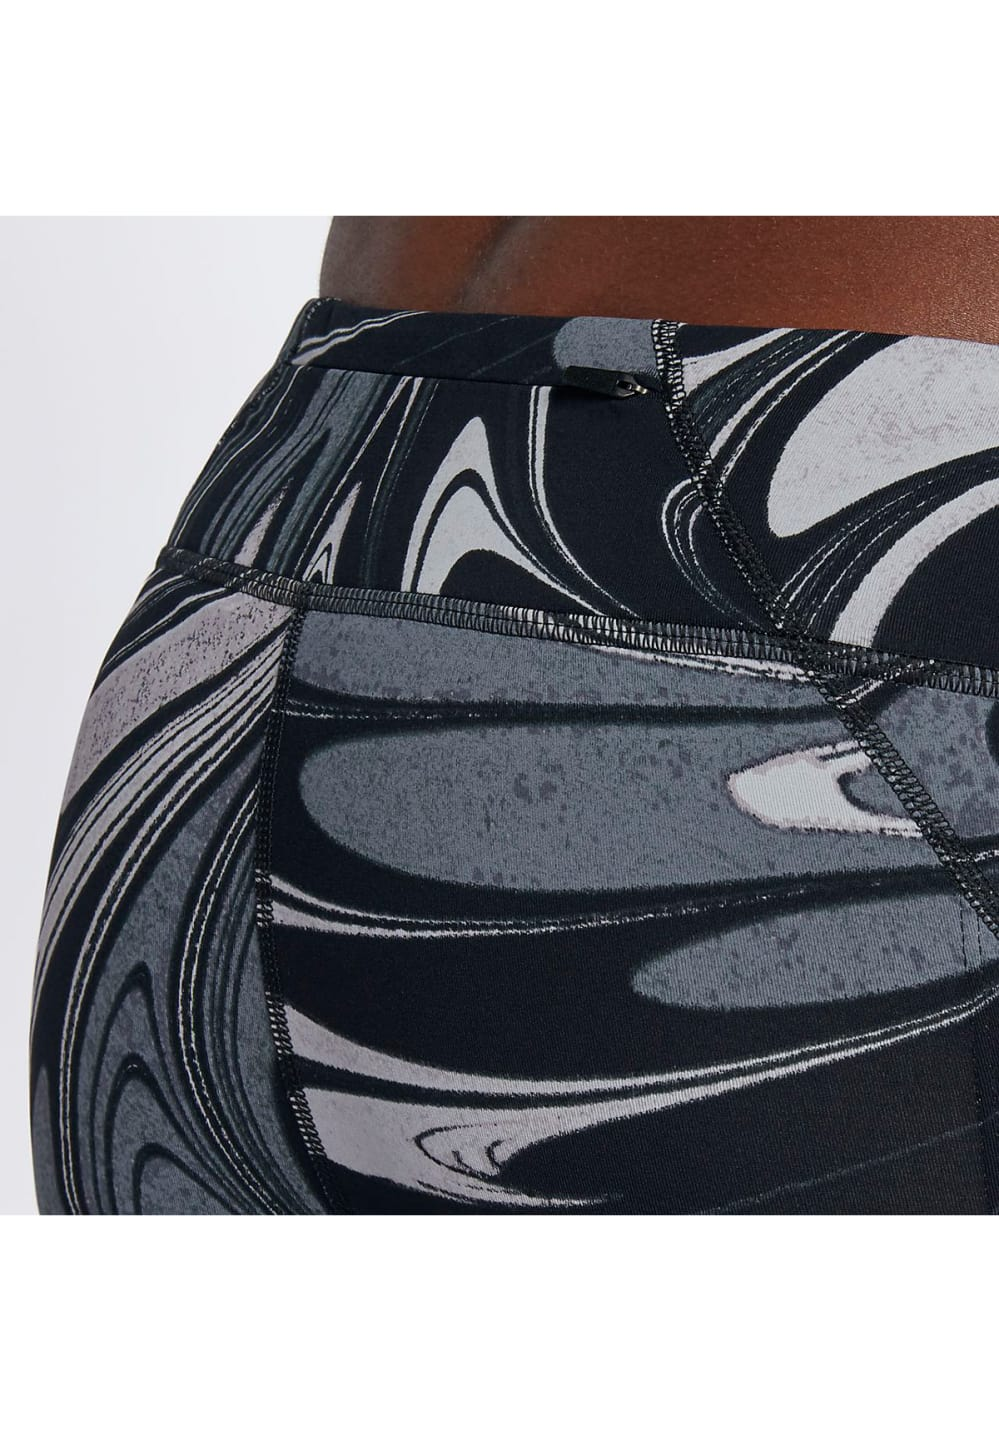 Nike Power Epic Lux Running Crops - Laufhosen für Damen - Grau, Gr. XS